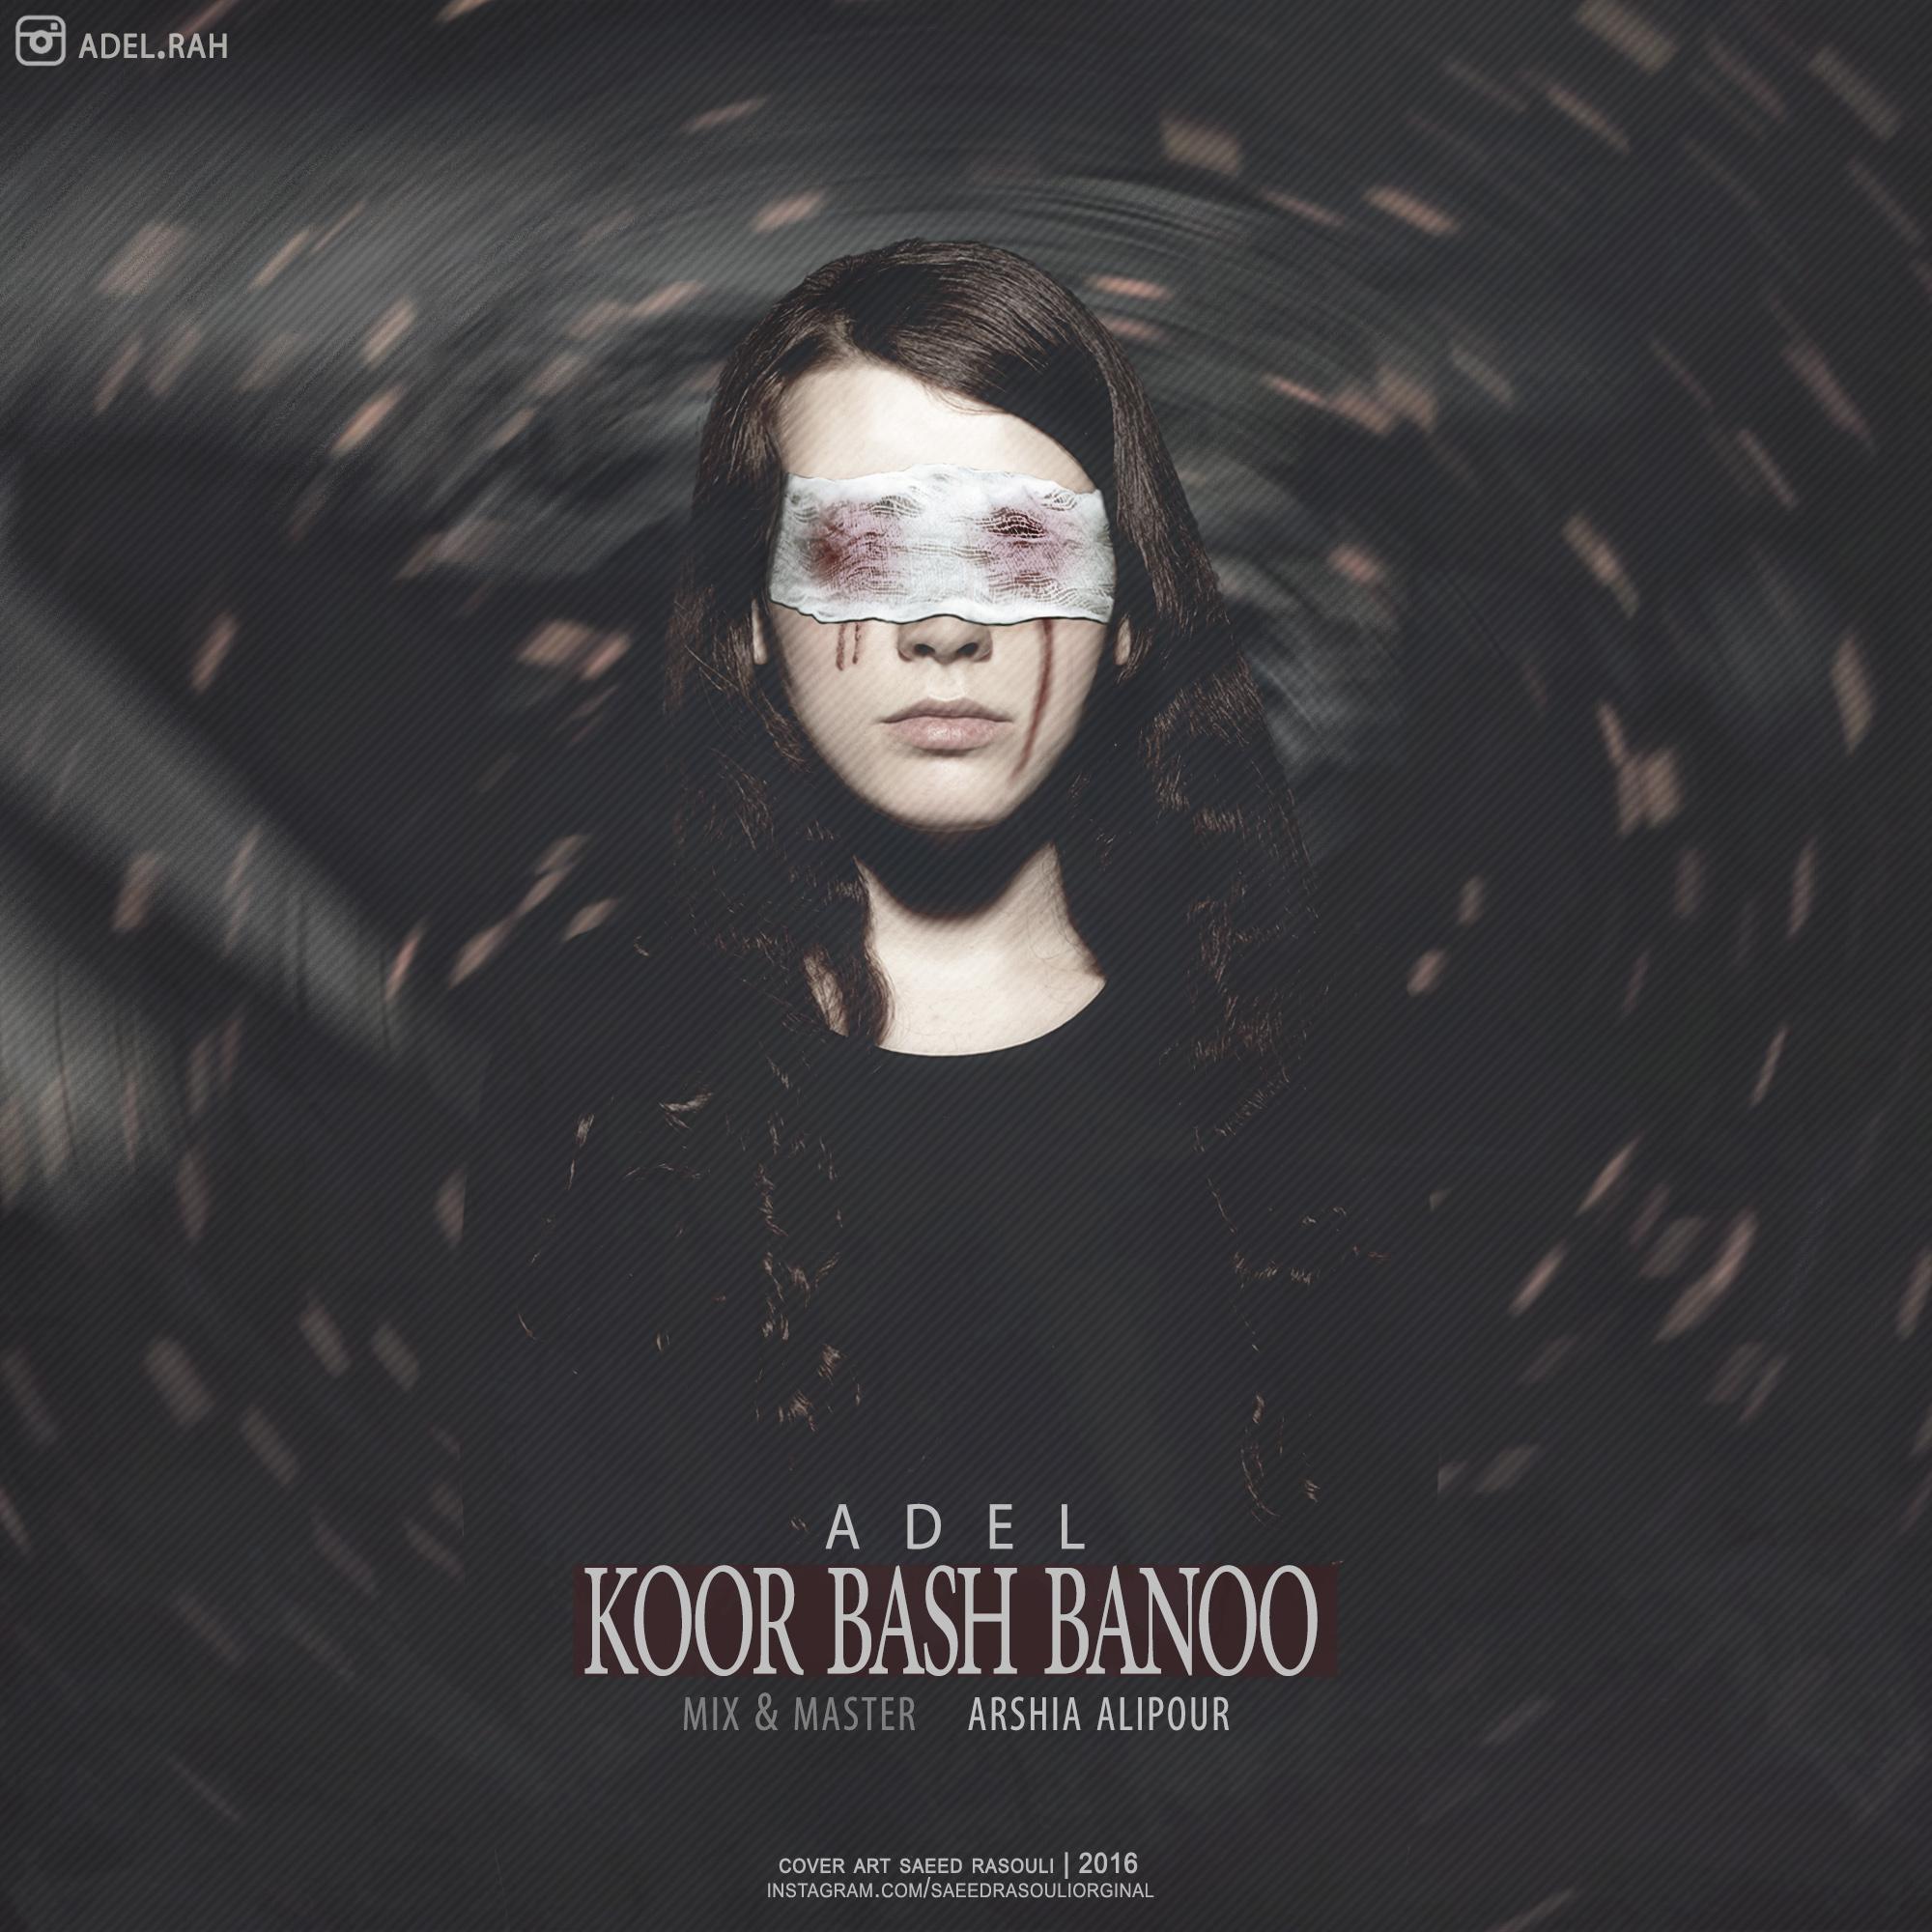 Adel – Koor Bash Banoo